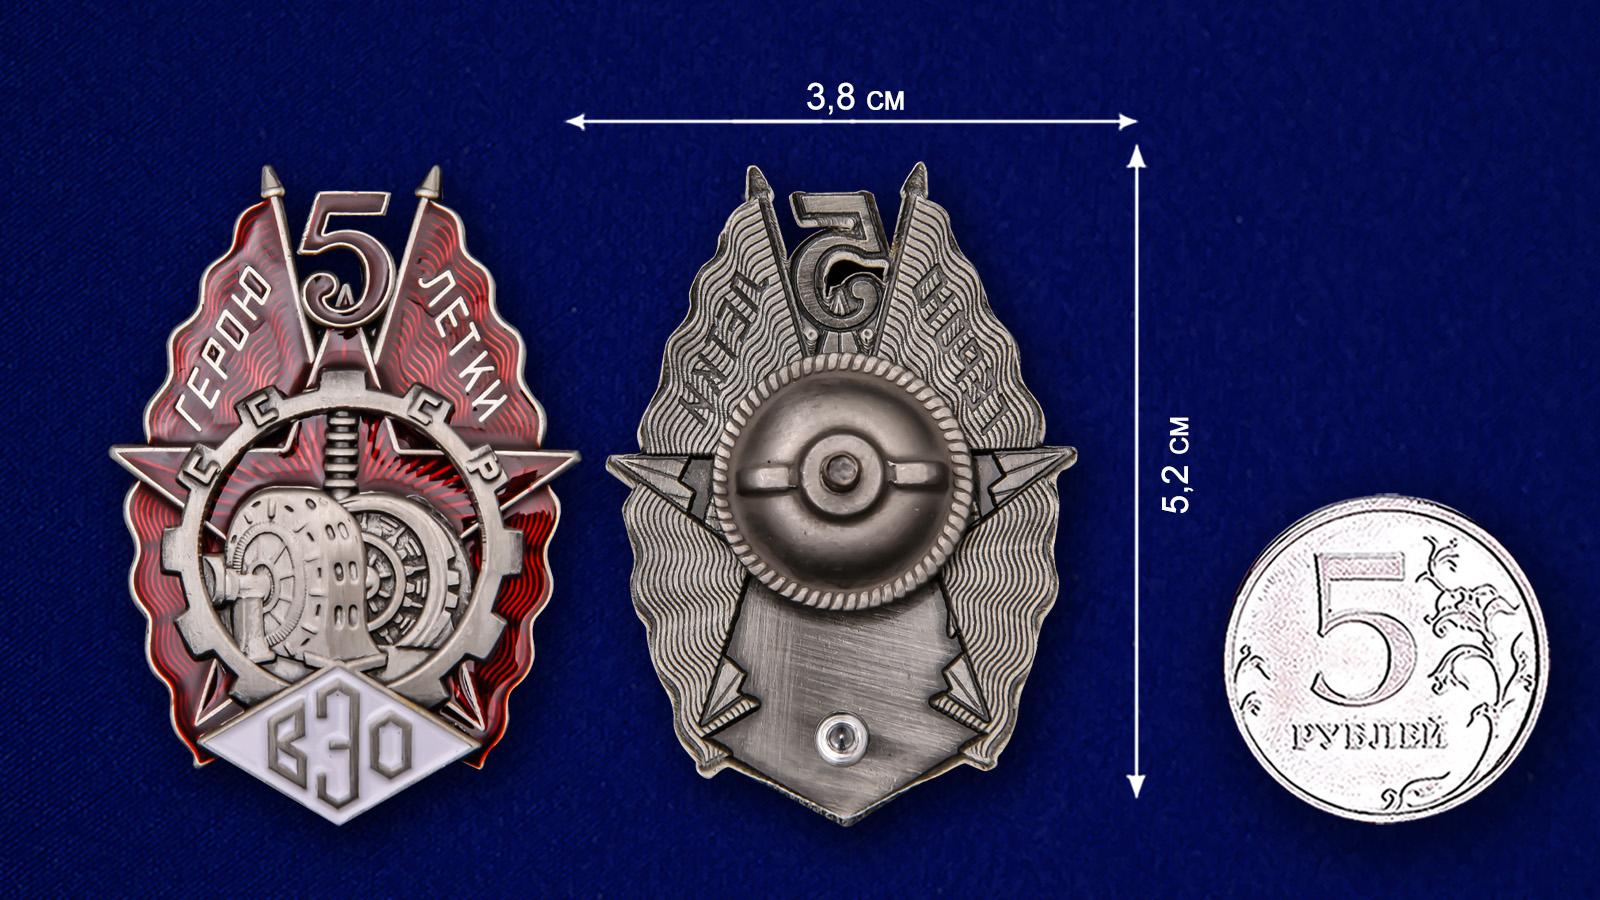 Знак Герою пятилетки (ВЭО) на подставке - сравнительный вид